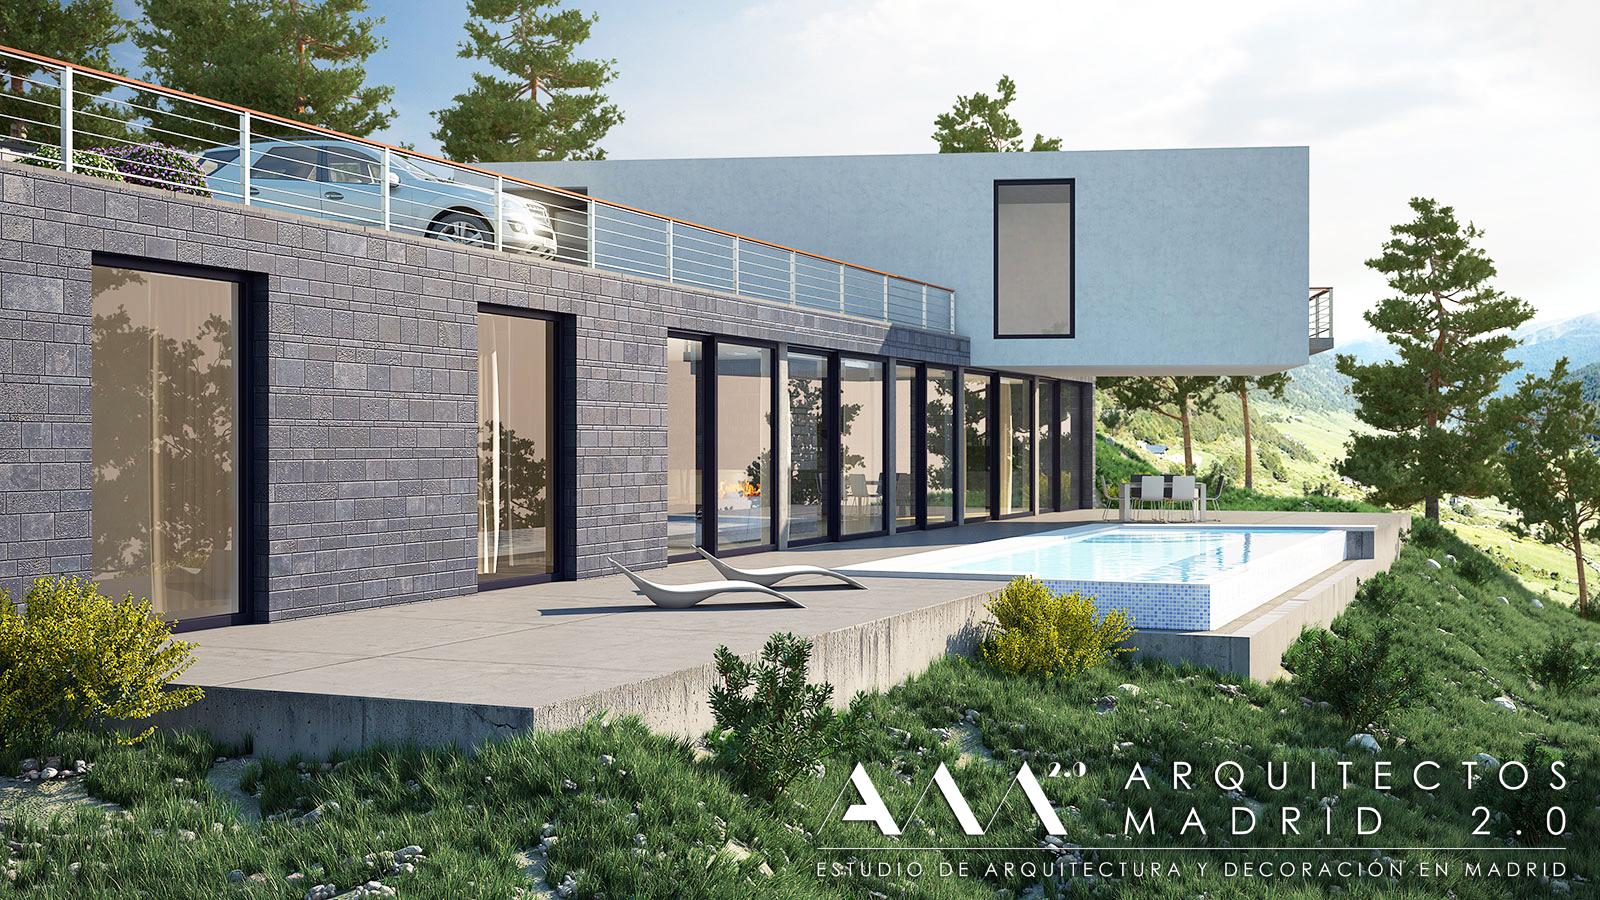 Proyecto y construcci n de casa moderna viviendas de dise o en madrid - Planos de chalets modernos ...